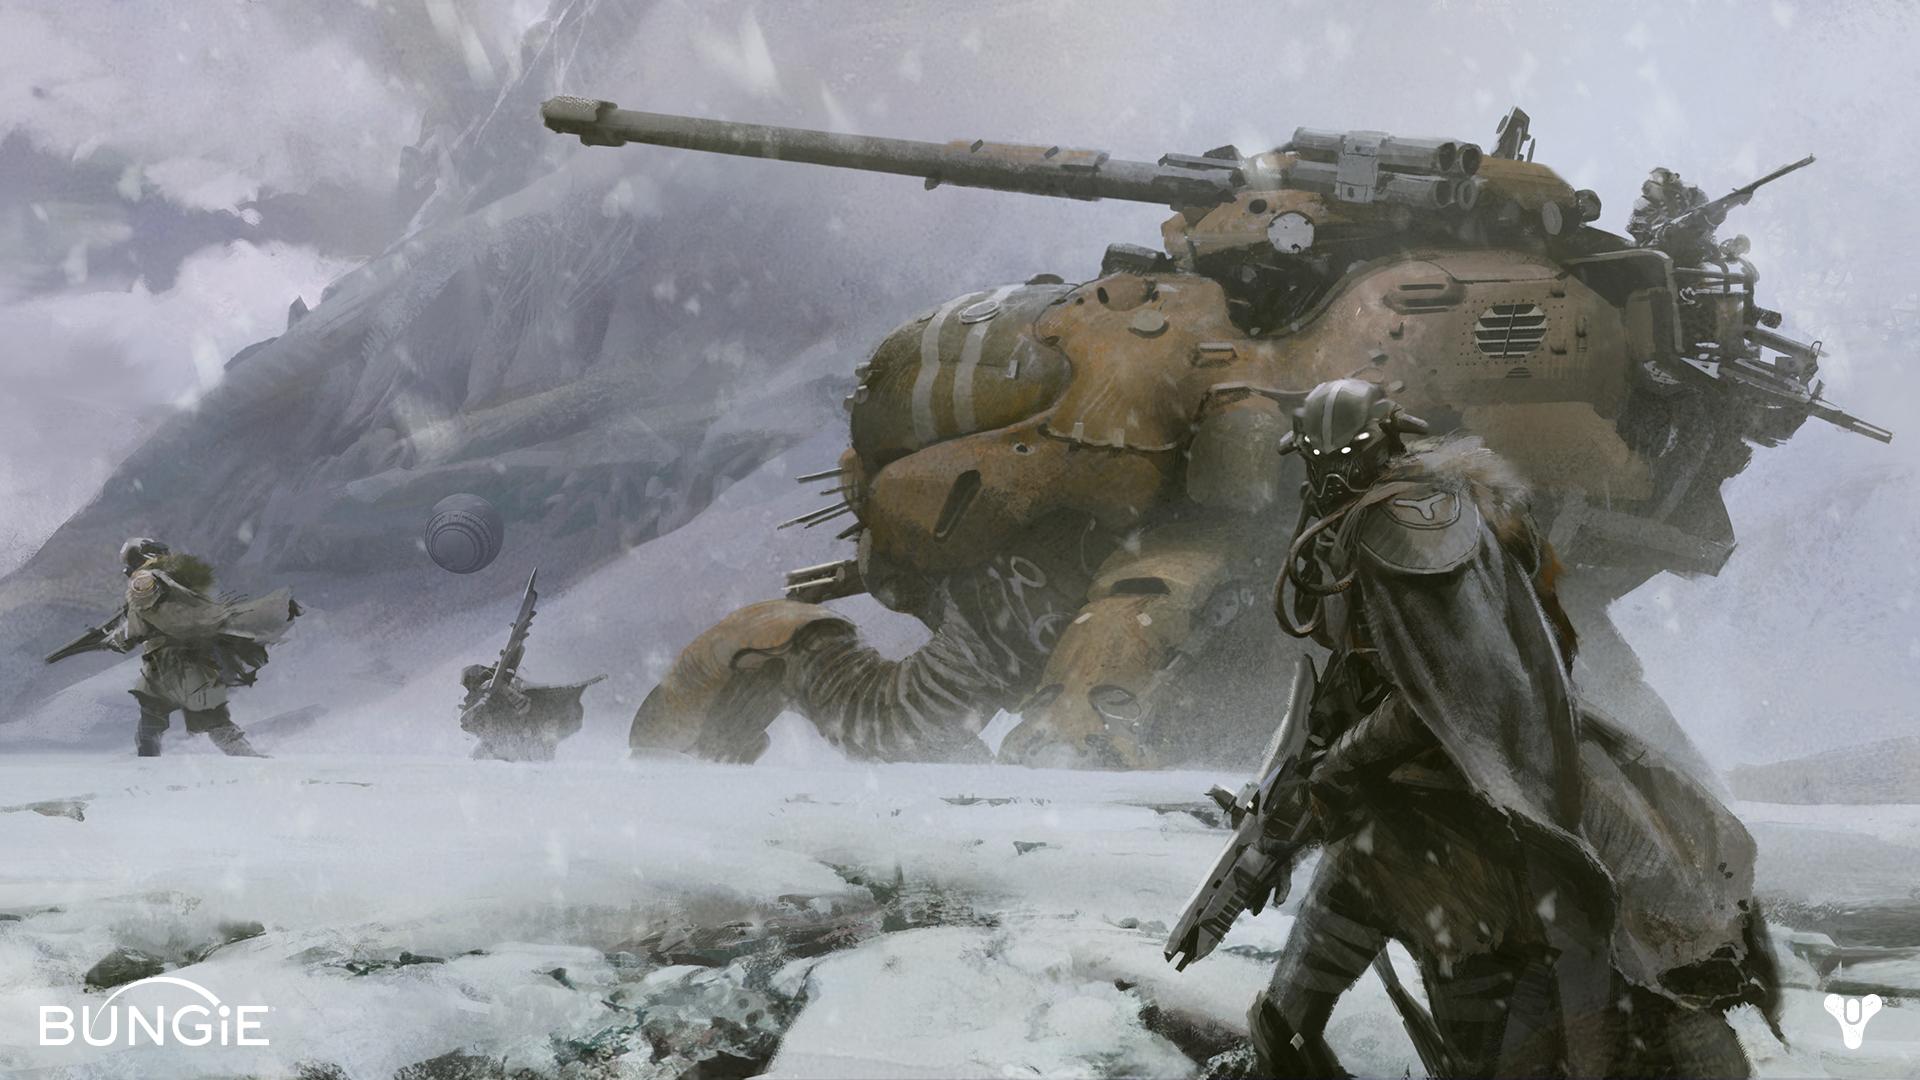 Imagenes y trama del nuevo juego de Bungie, Destiny [Leak]